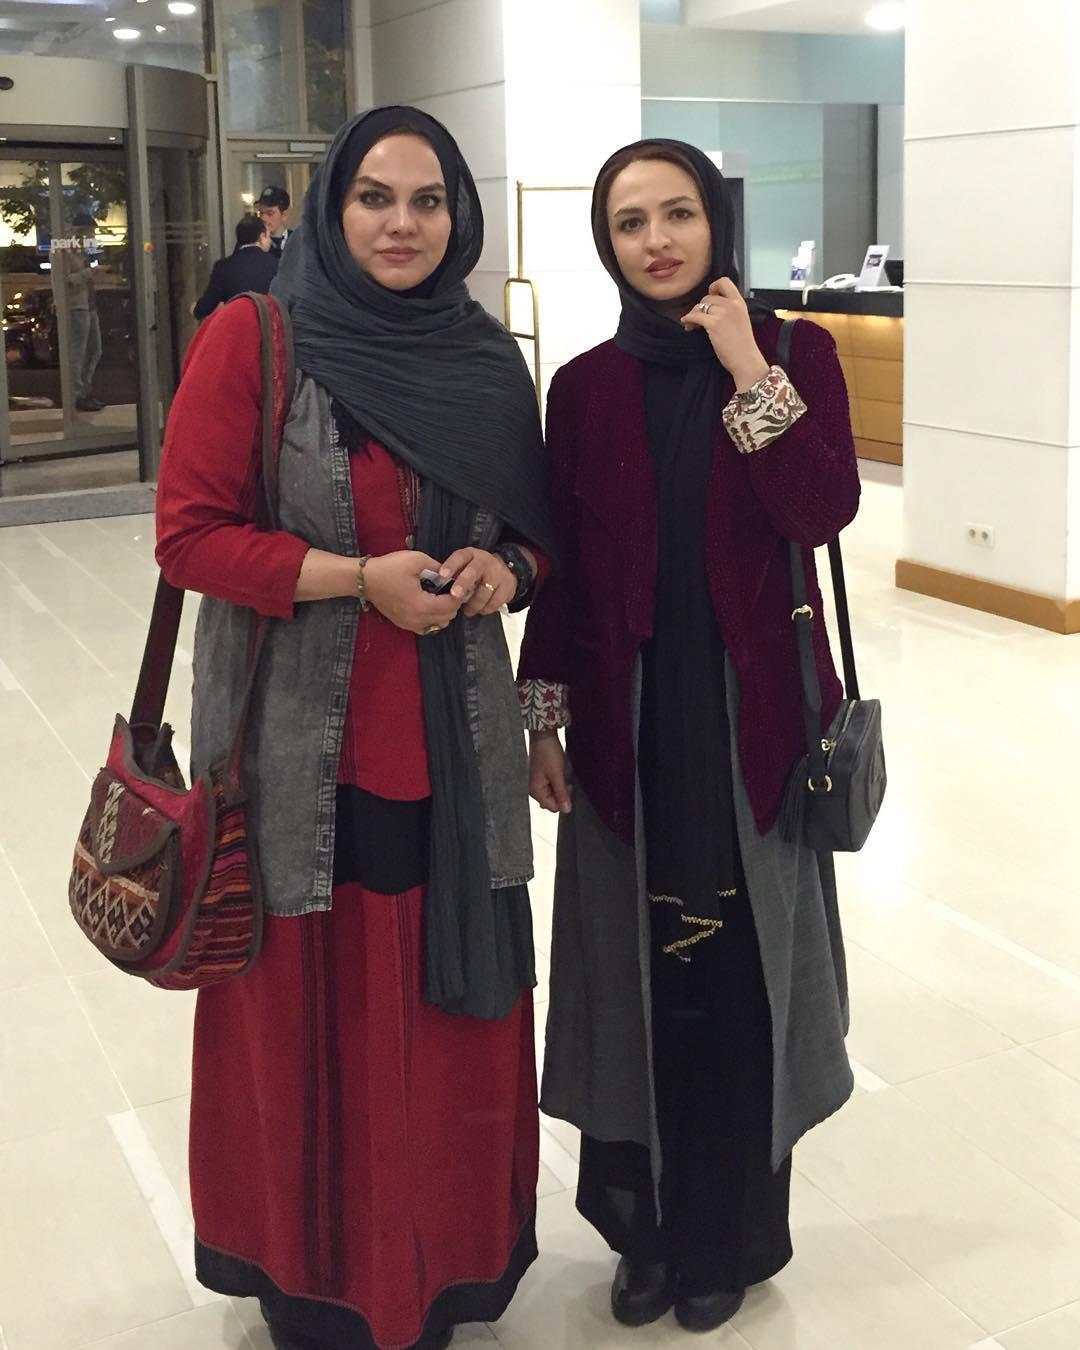 گلاره عباسی و نرگس آبیار در باکو آذربایجان